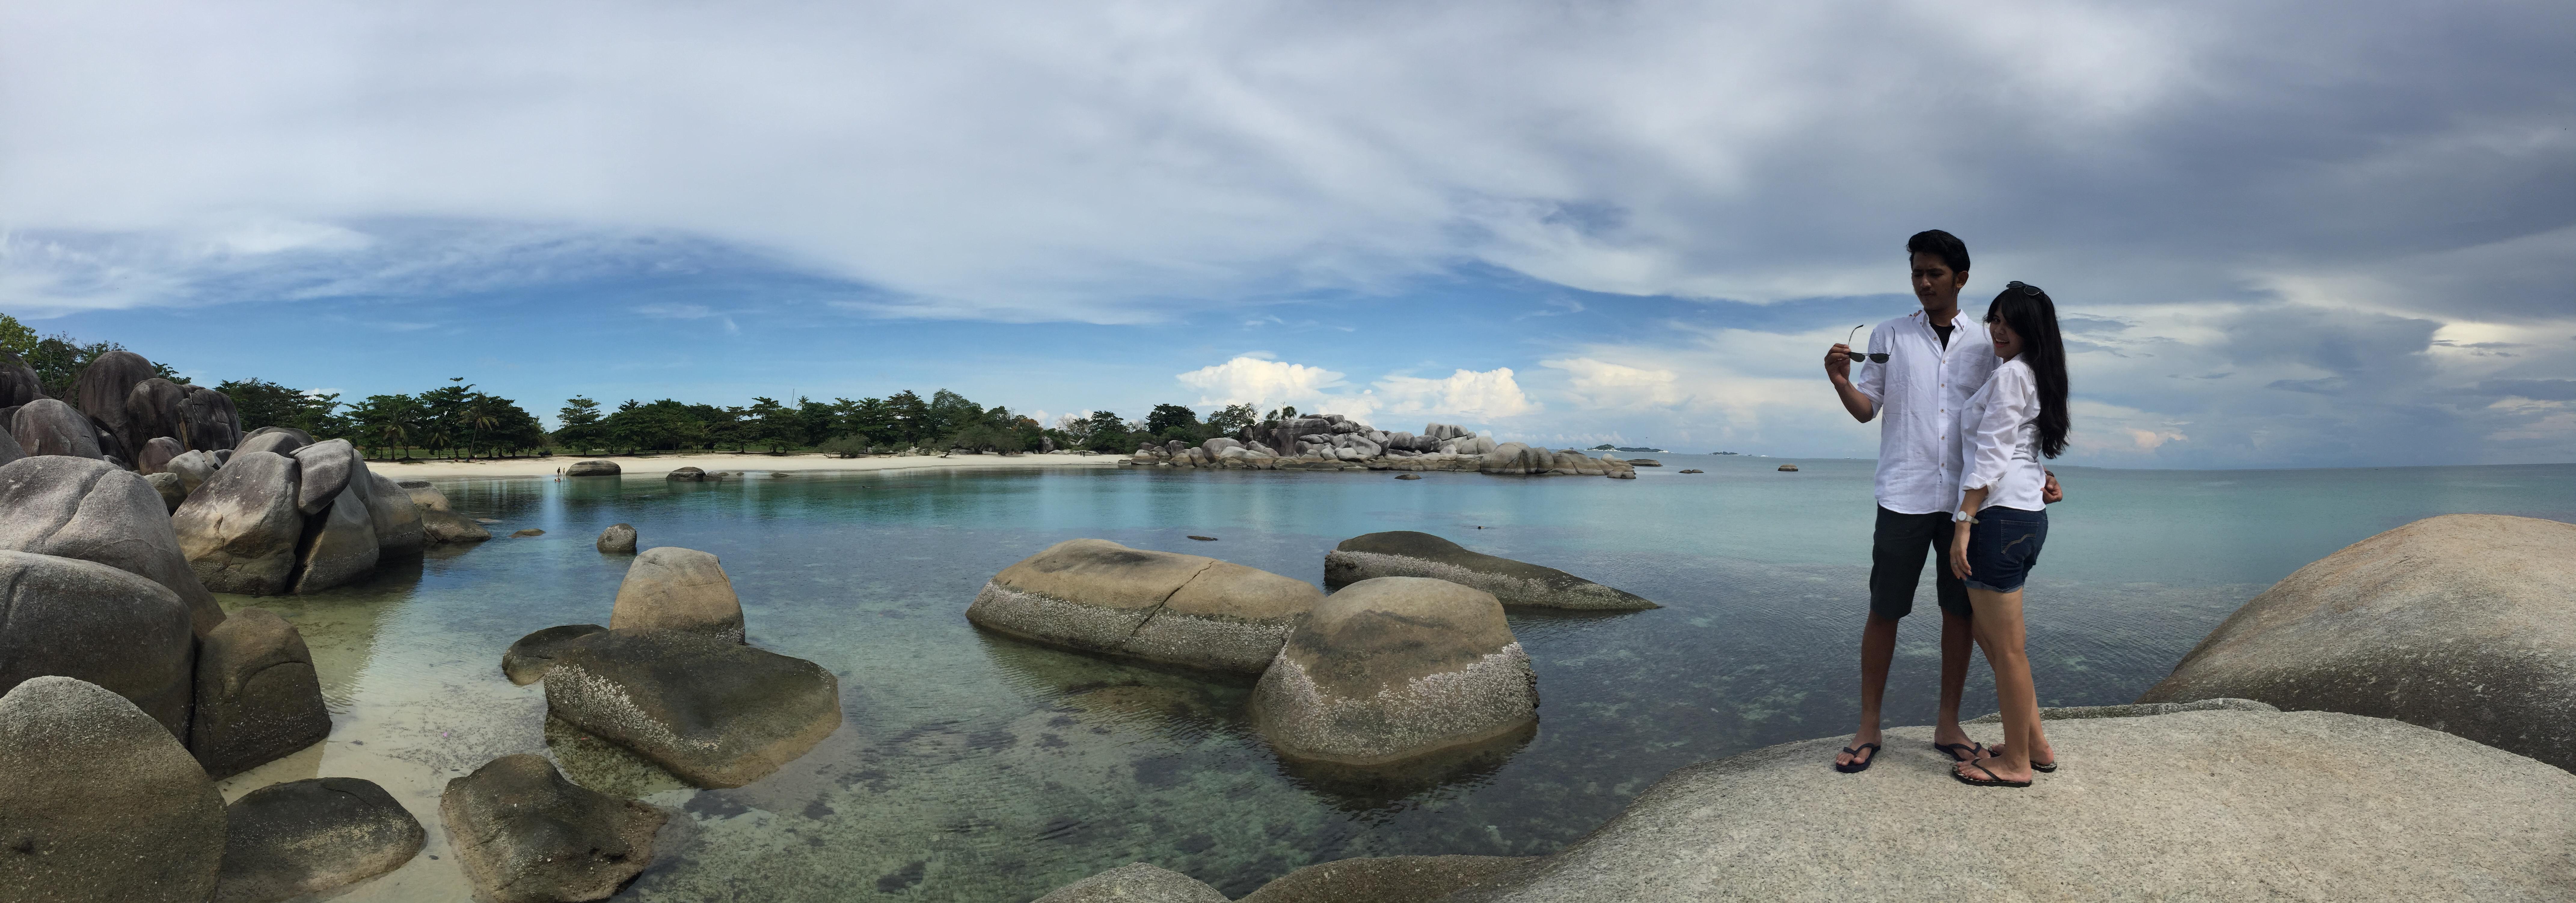 Destinasi Wisata di Belitung – Pantai Penyabong